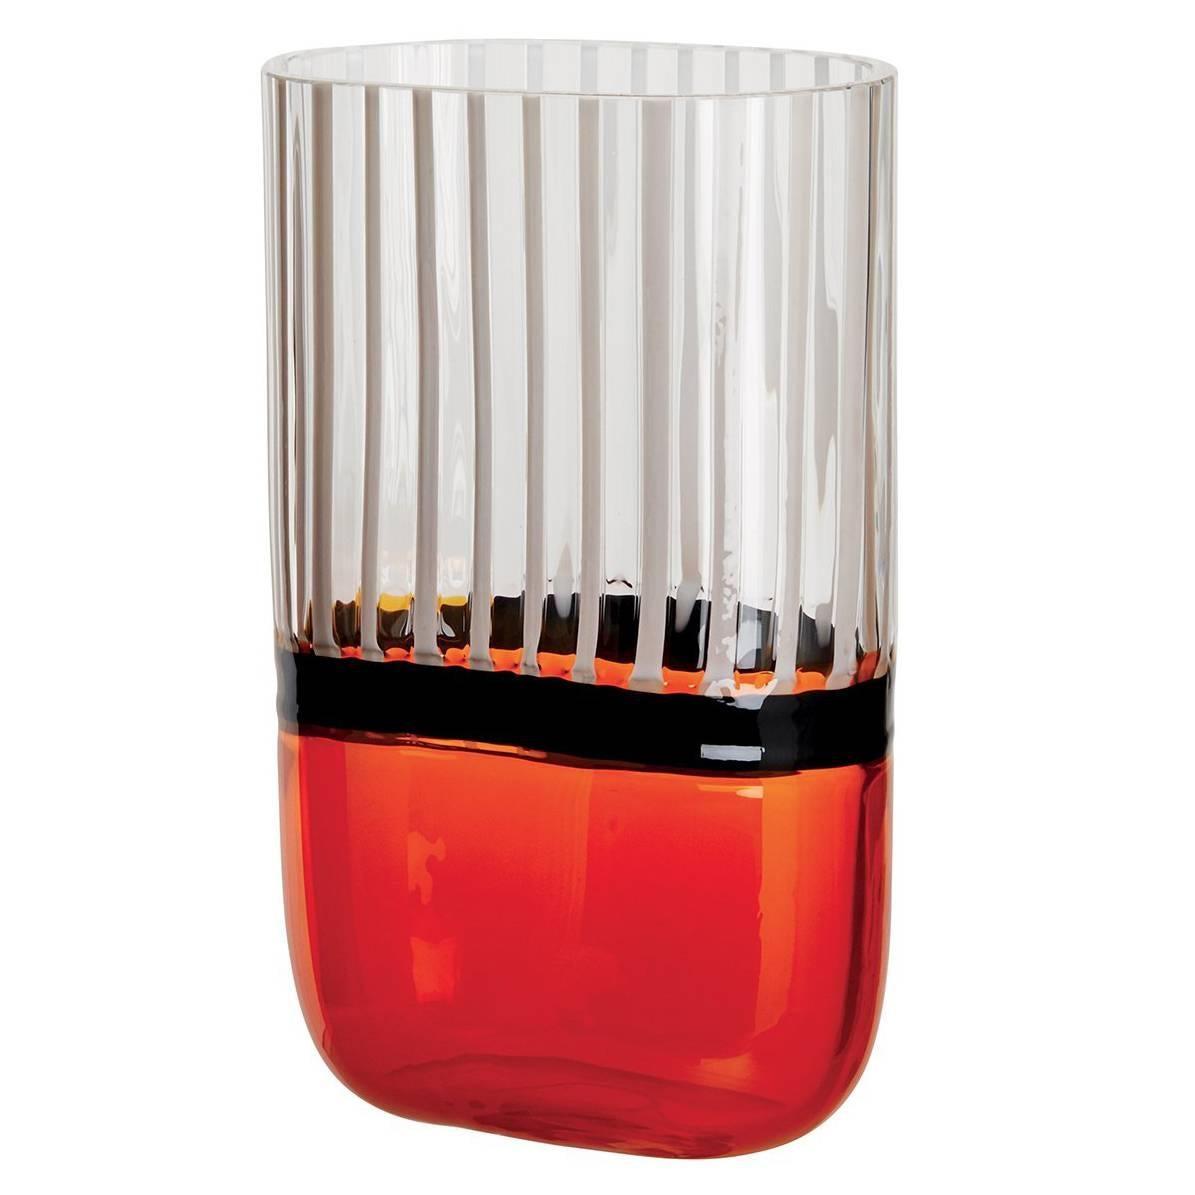 Naran Carlo Moretti Contemporary Mouth Blown Murano Glass Vase